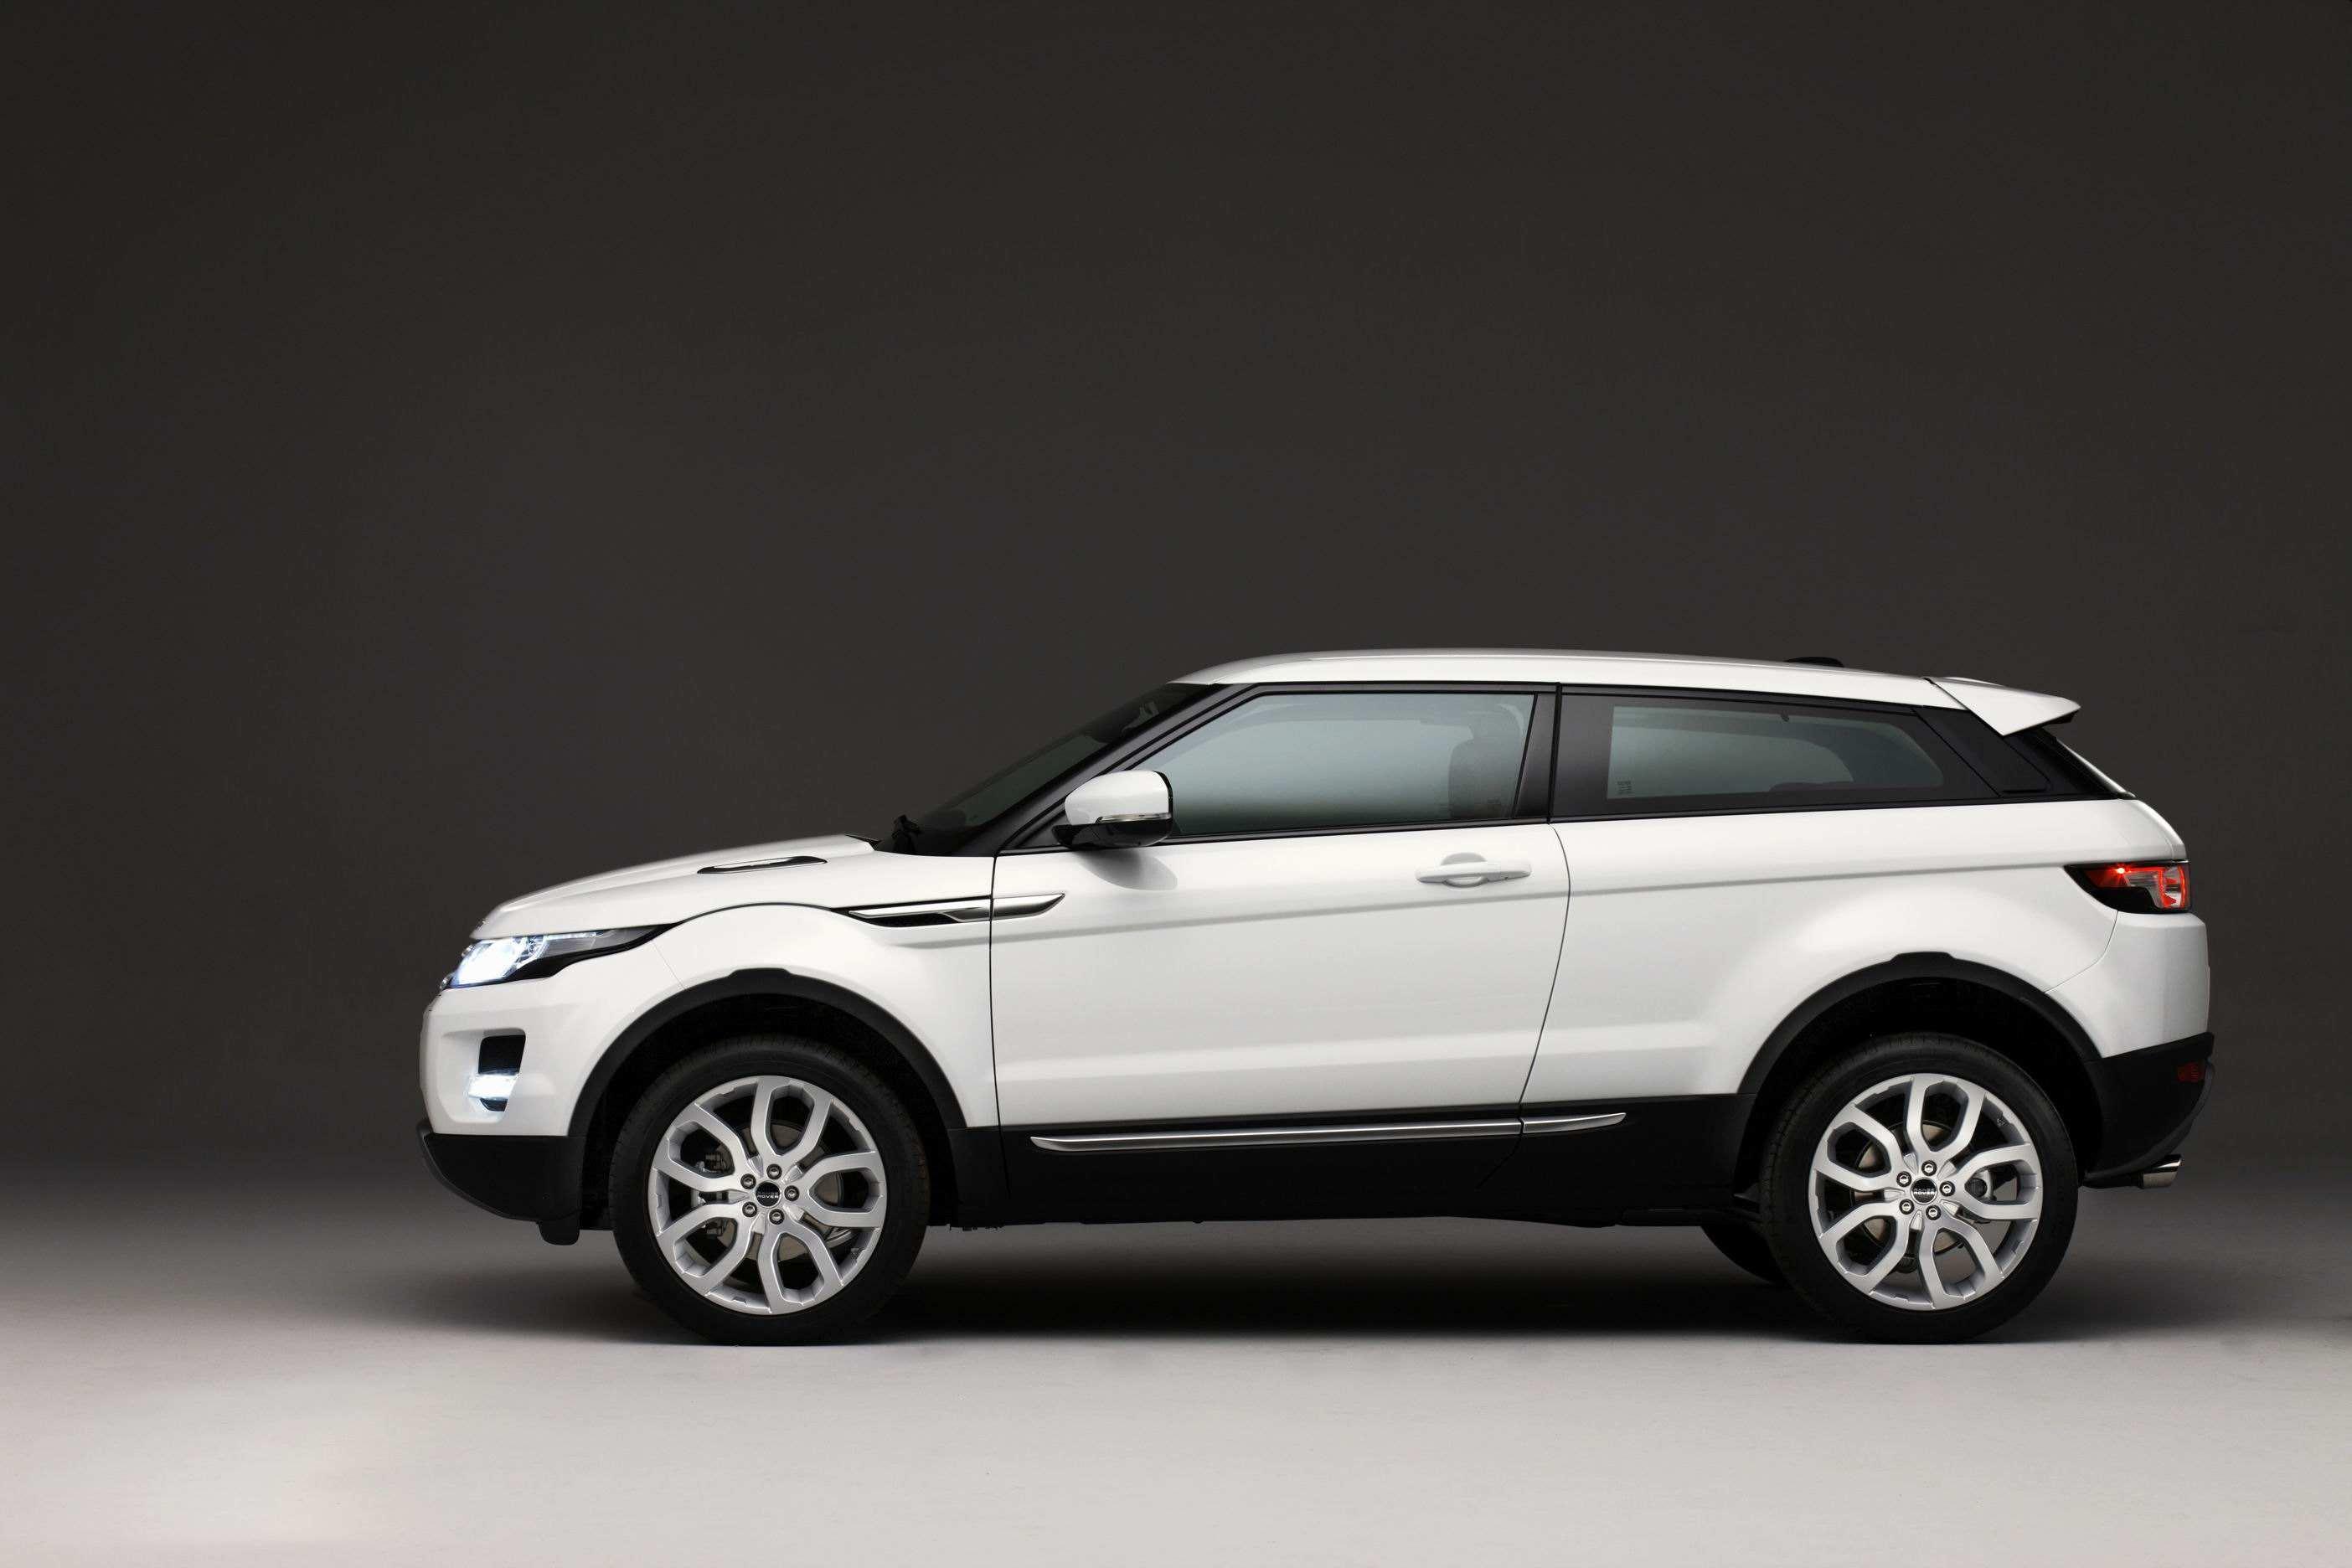 如果你要买40万左右的SUV,这几款车一定有适合你的一款